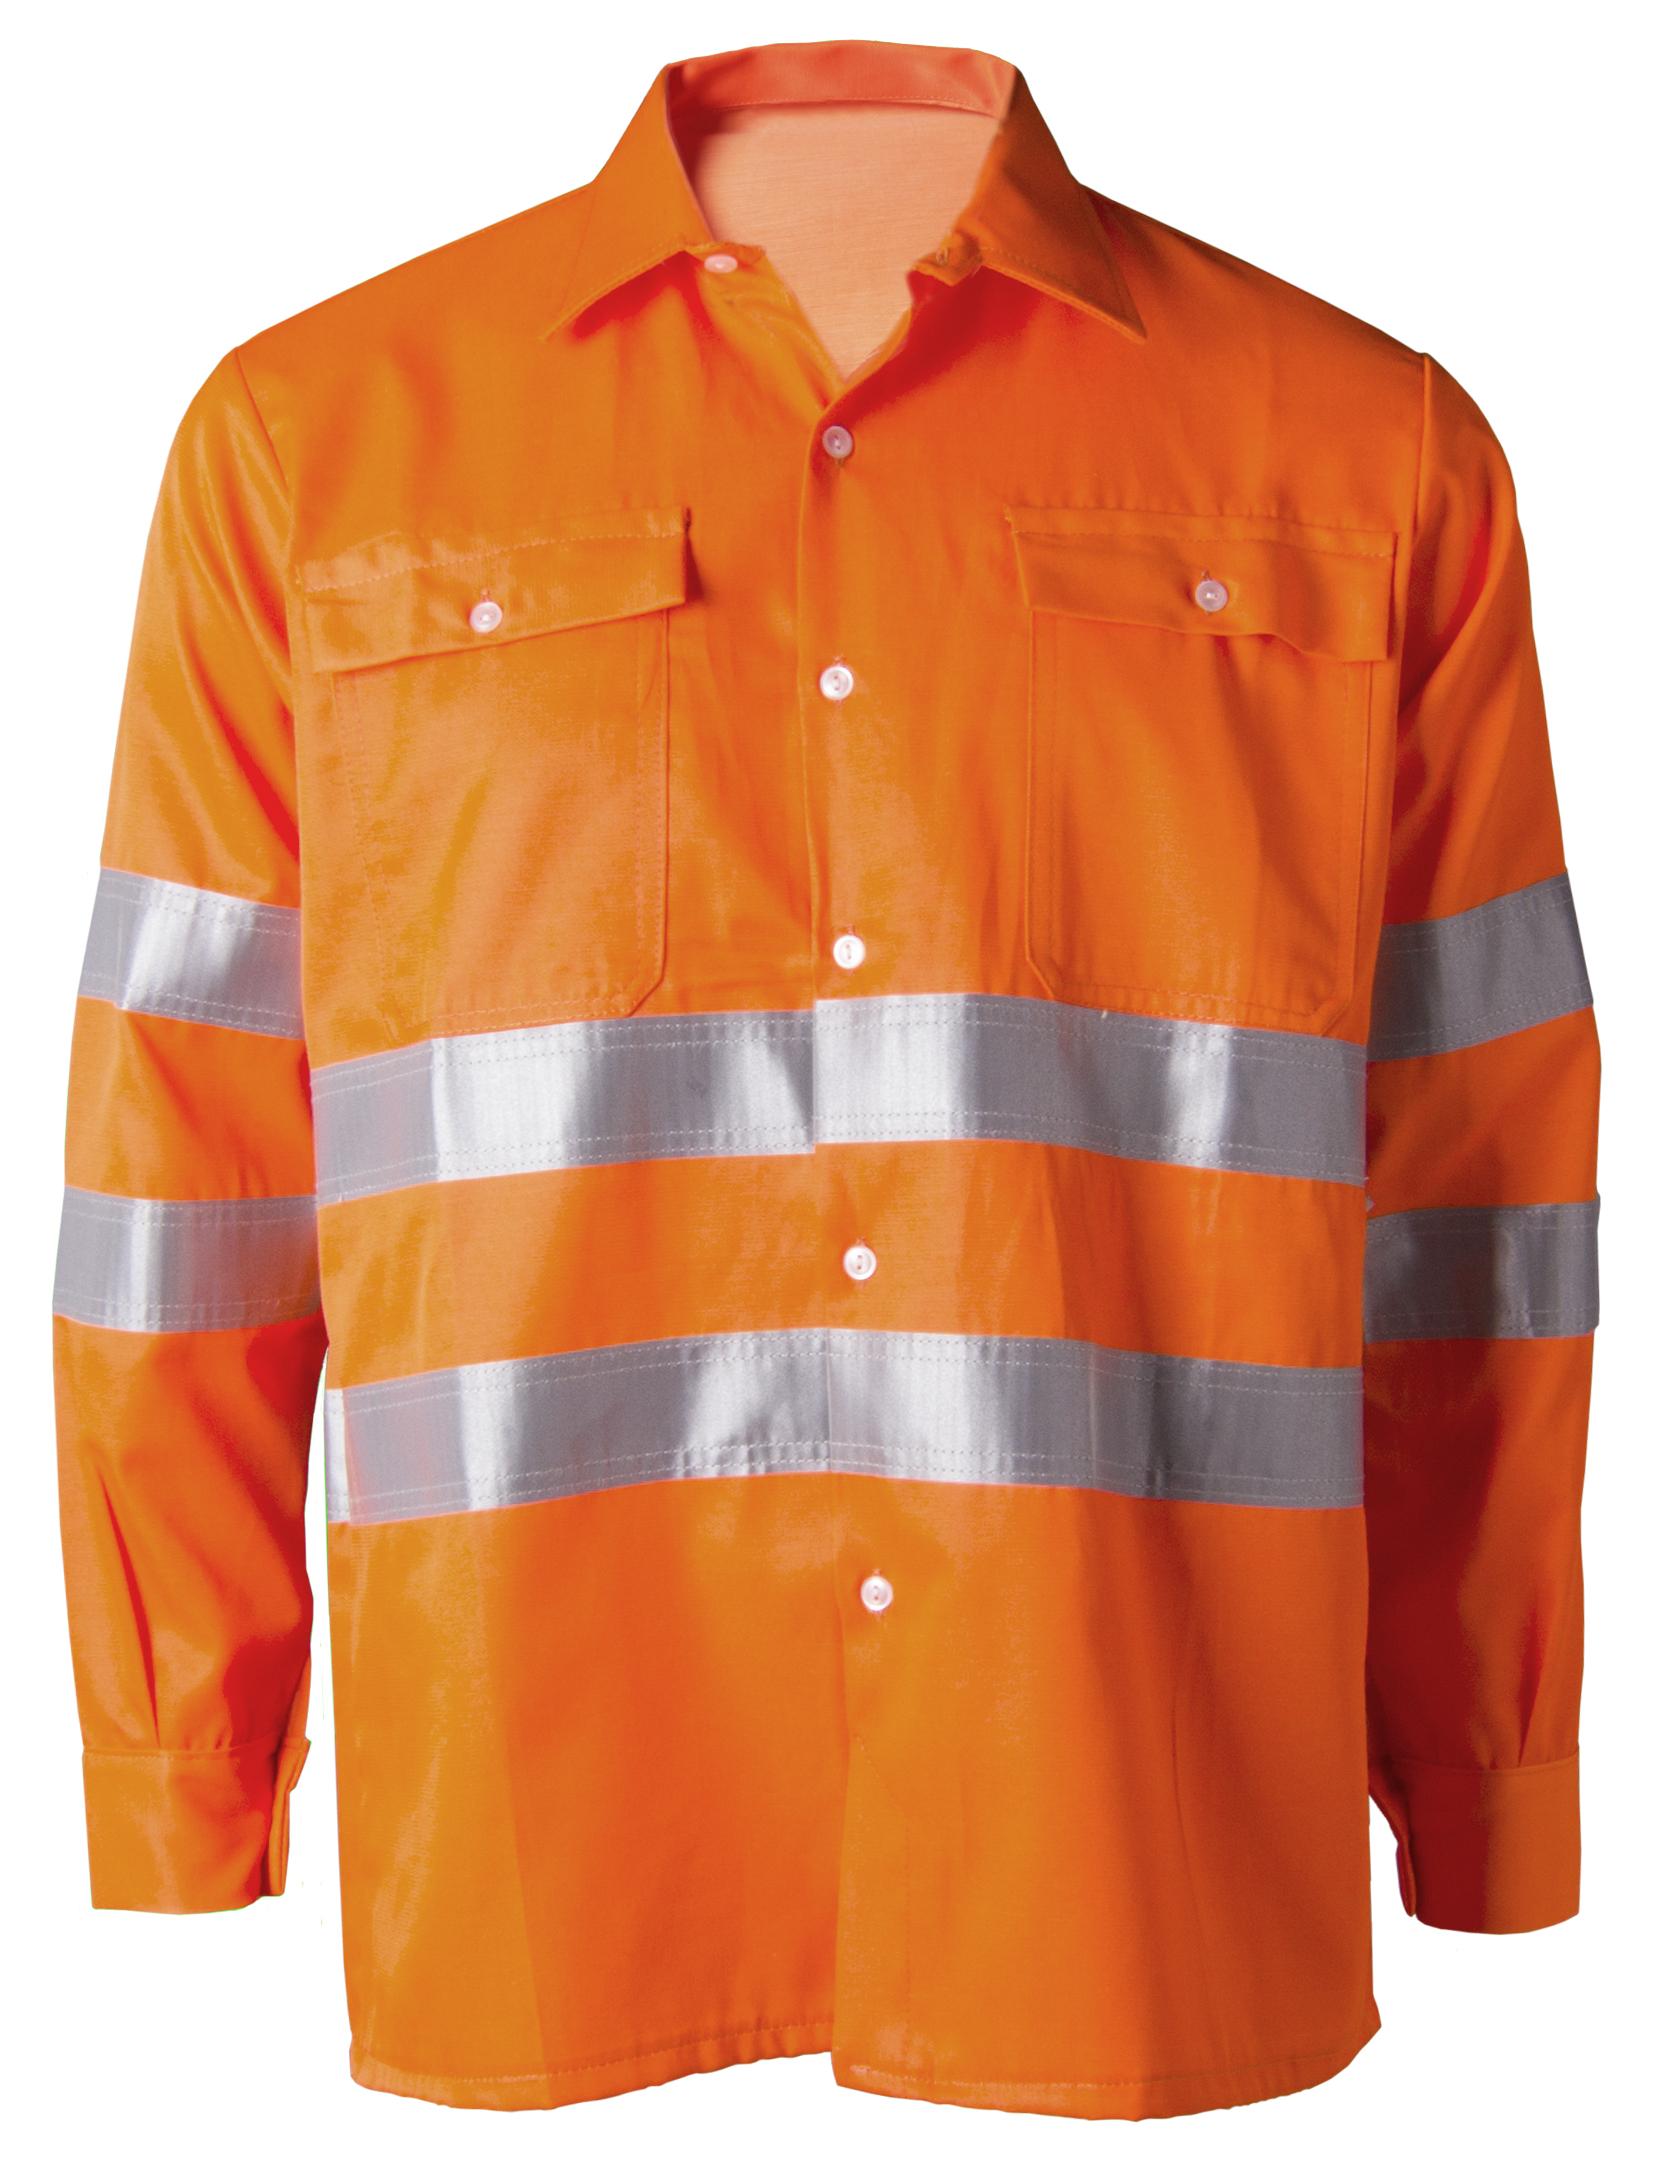 Orange hi-visibility shirt Image